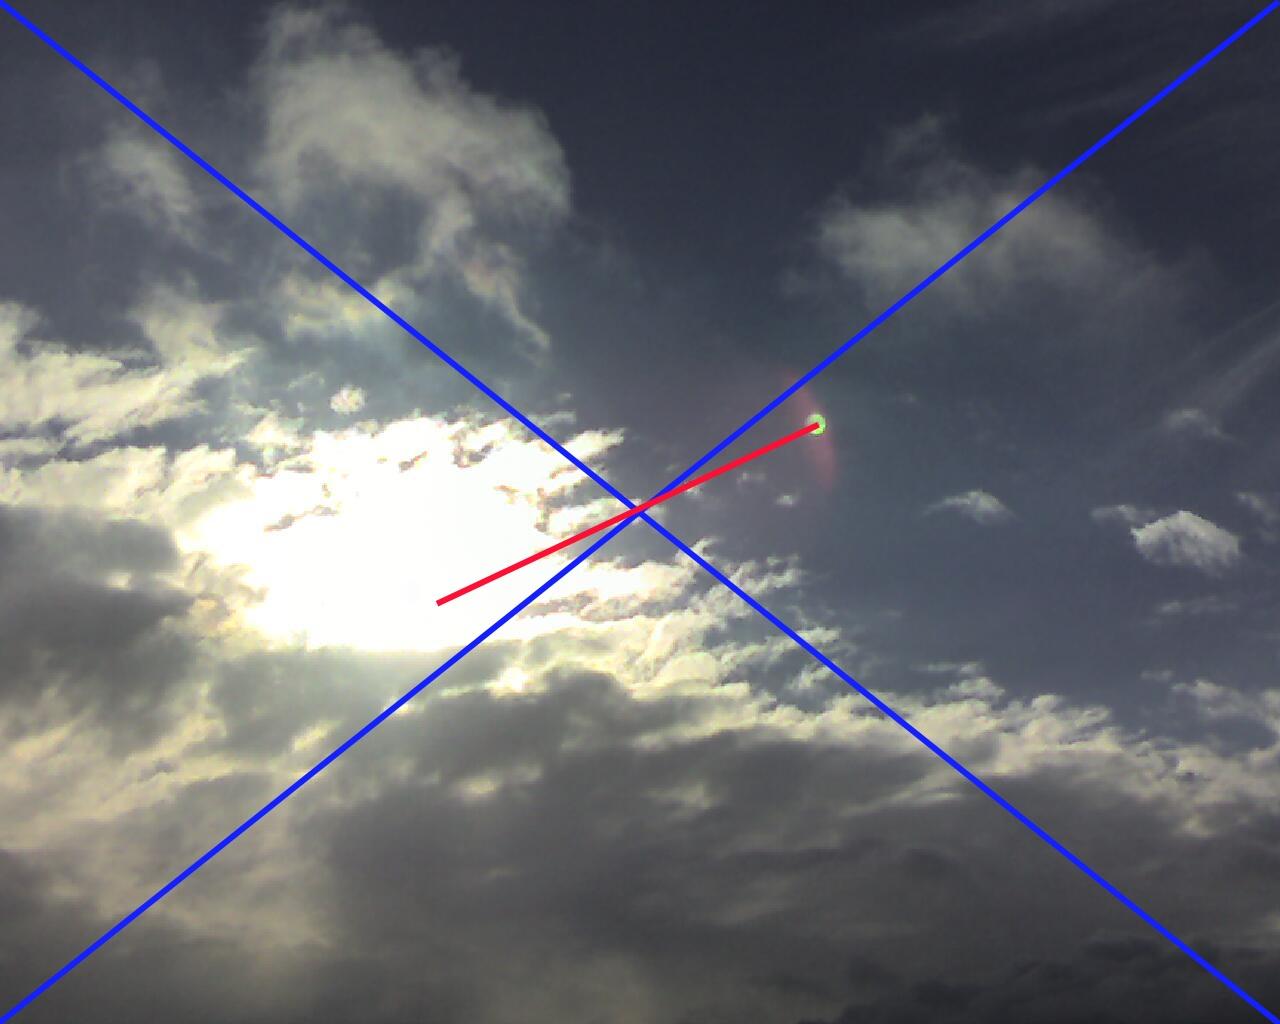 2010: le 17/12 à 13h - observation d'une boule de feu - Meuse  - Page 4 Num113h0317dec10flare